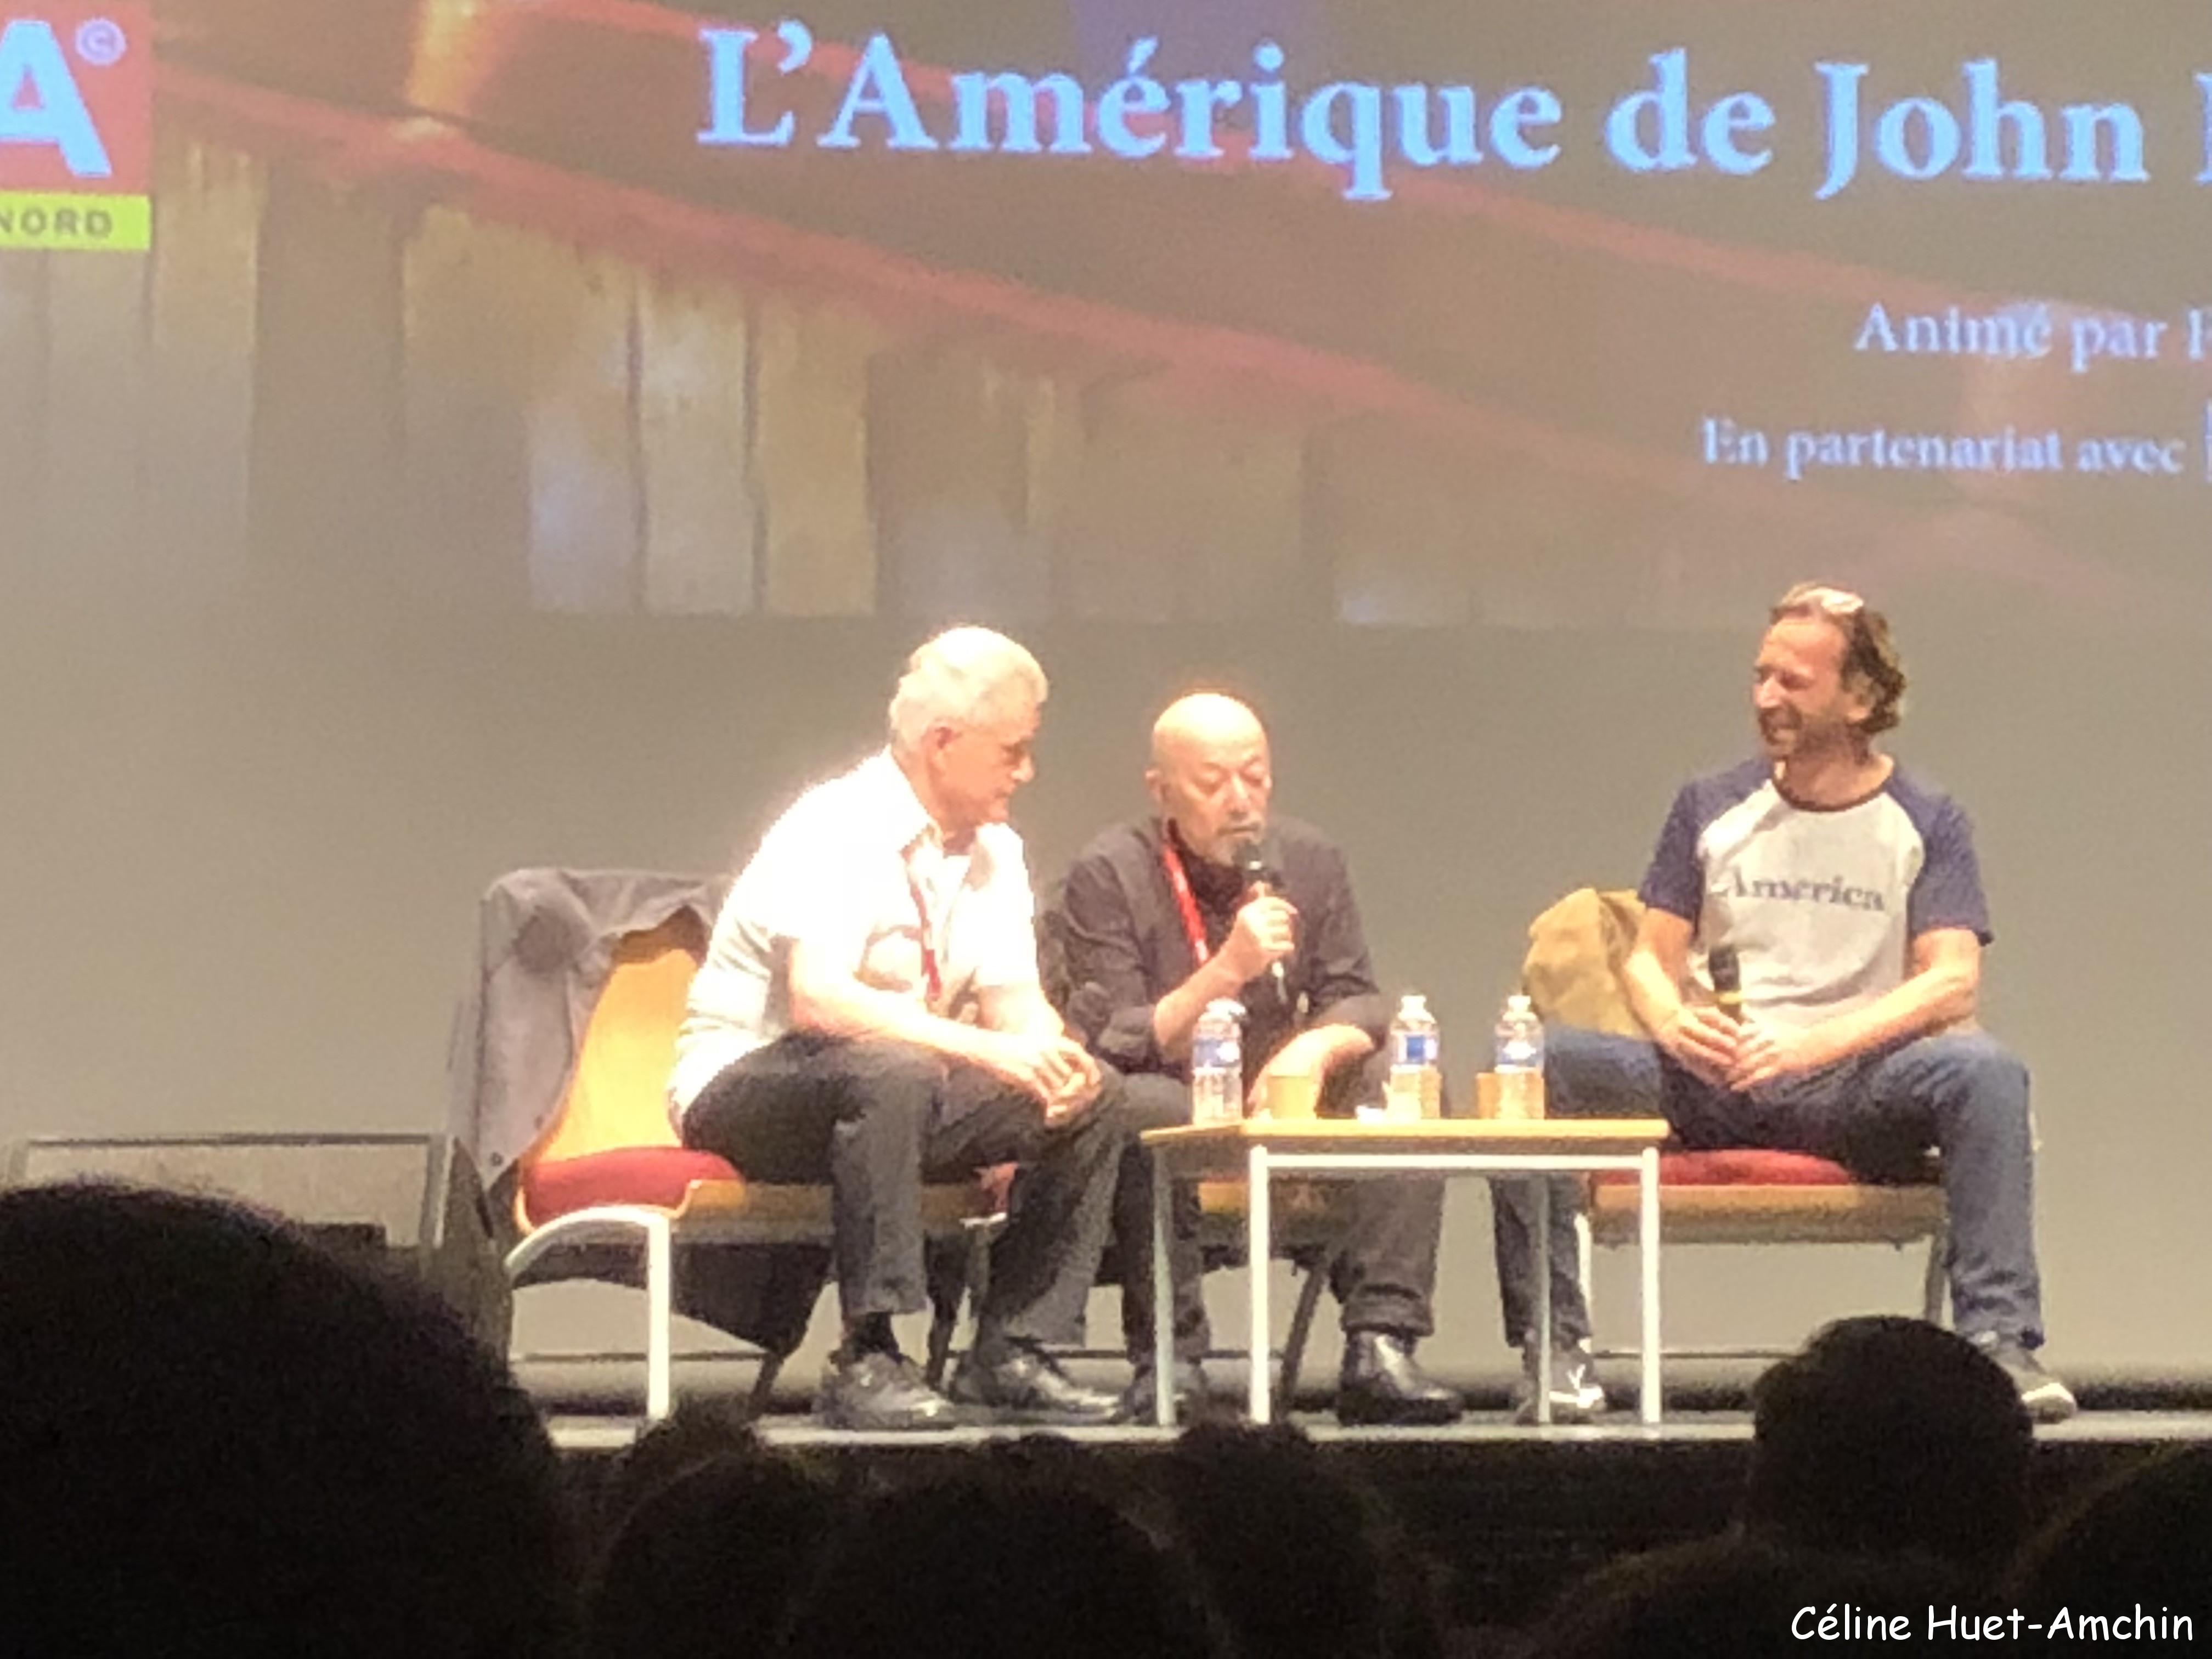 L'Amérique de John Irving 9e édition Festival America Centre Culturel Georges Pompidou Vincennes